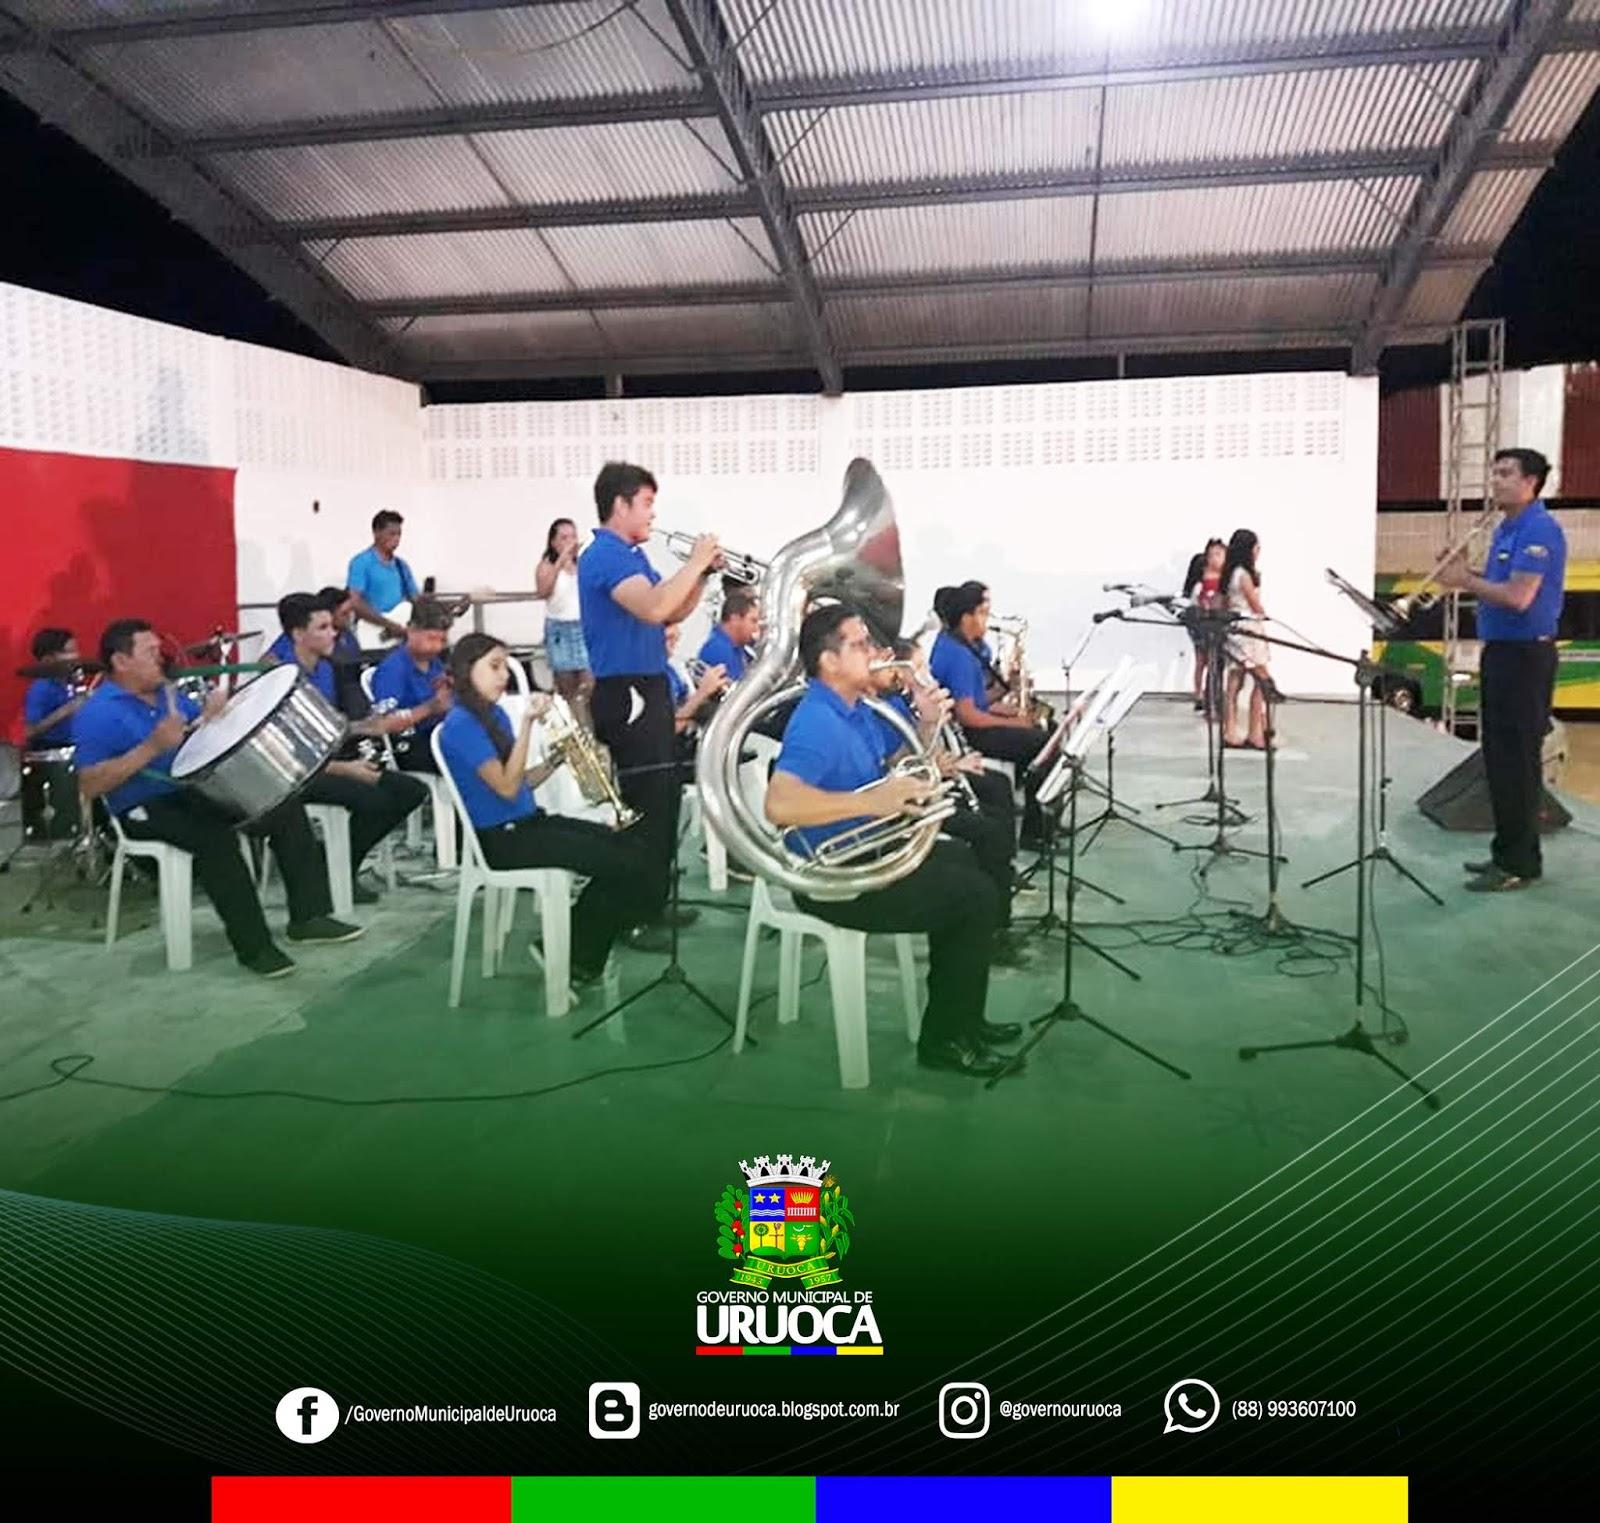 PROJETO ARTE E CULTURA NA PRAÇA ENCONTRO DE BANDAS MUSICAIS É REALIZADO EM URUOCA